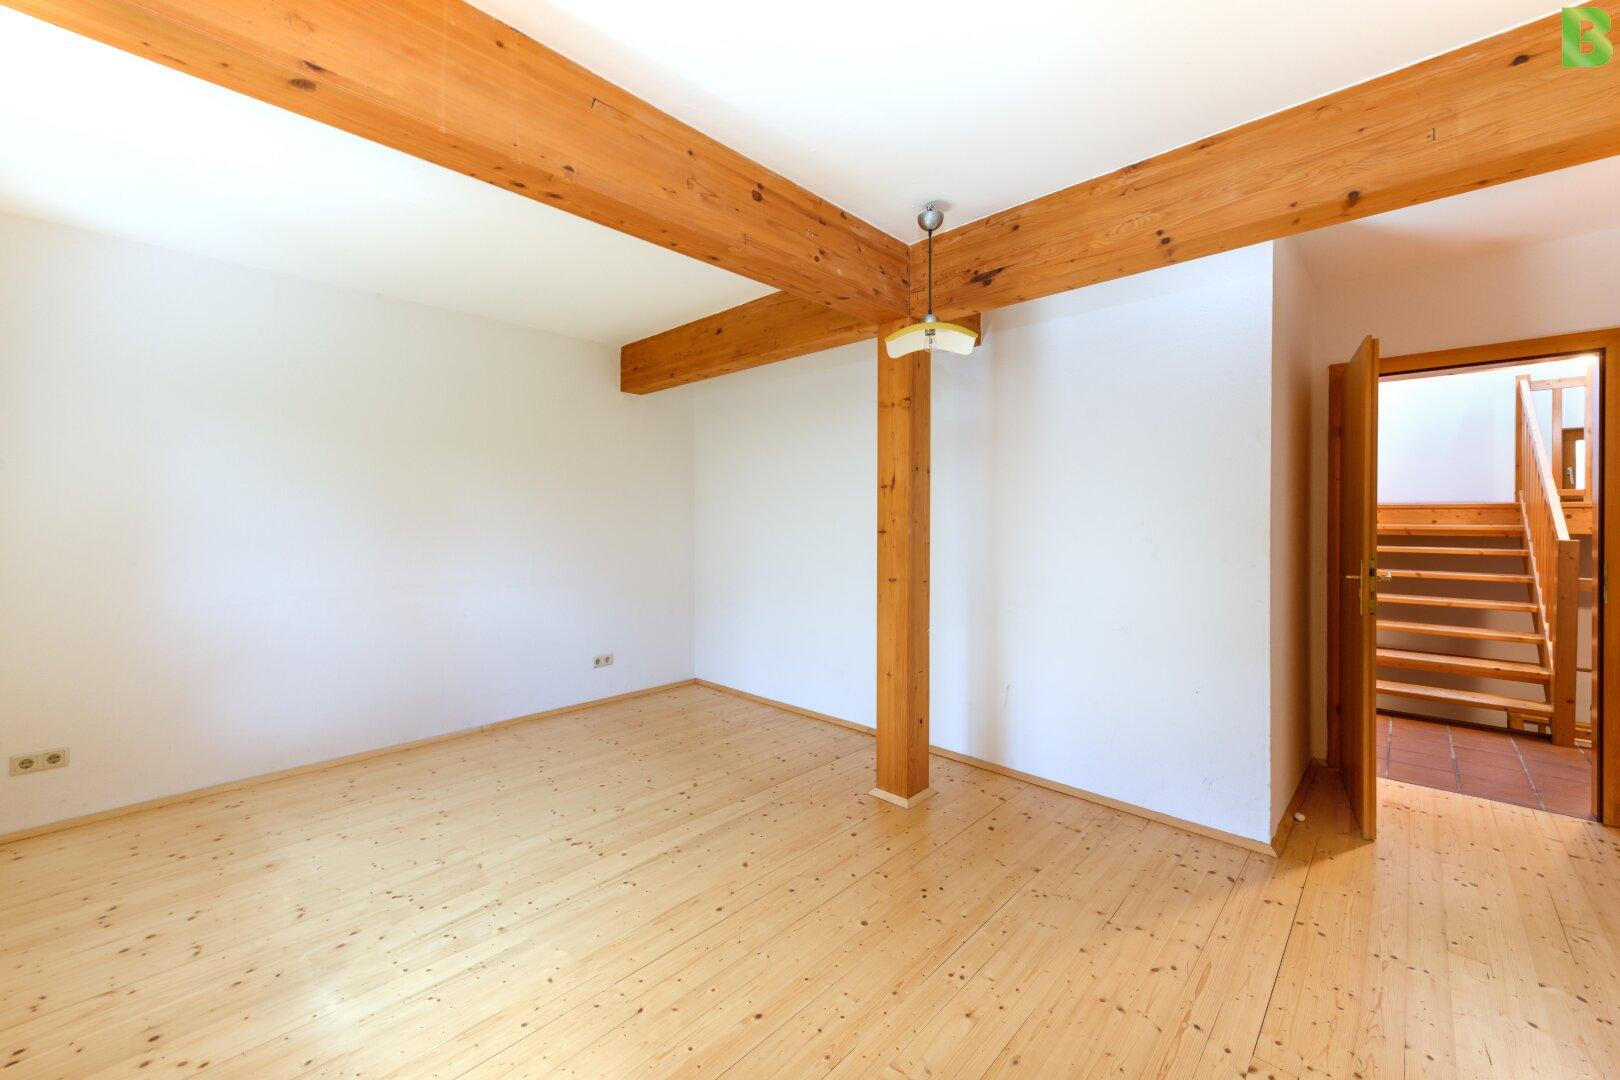 Zimmer oder Home-Office im Erdgeschoss